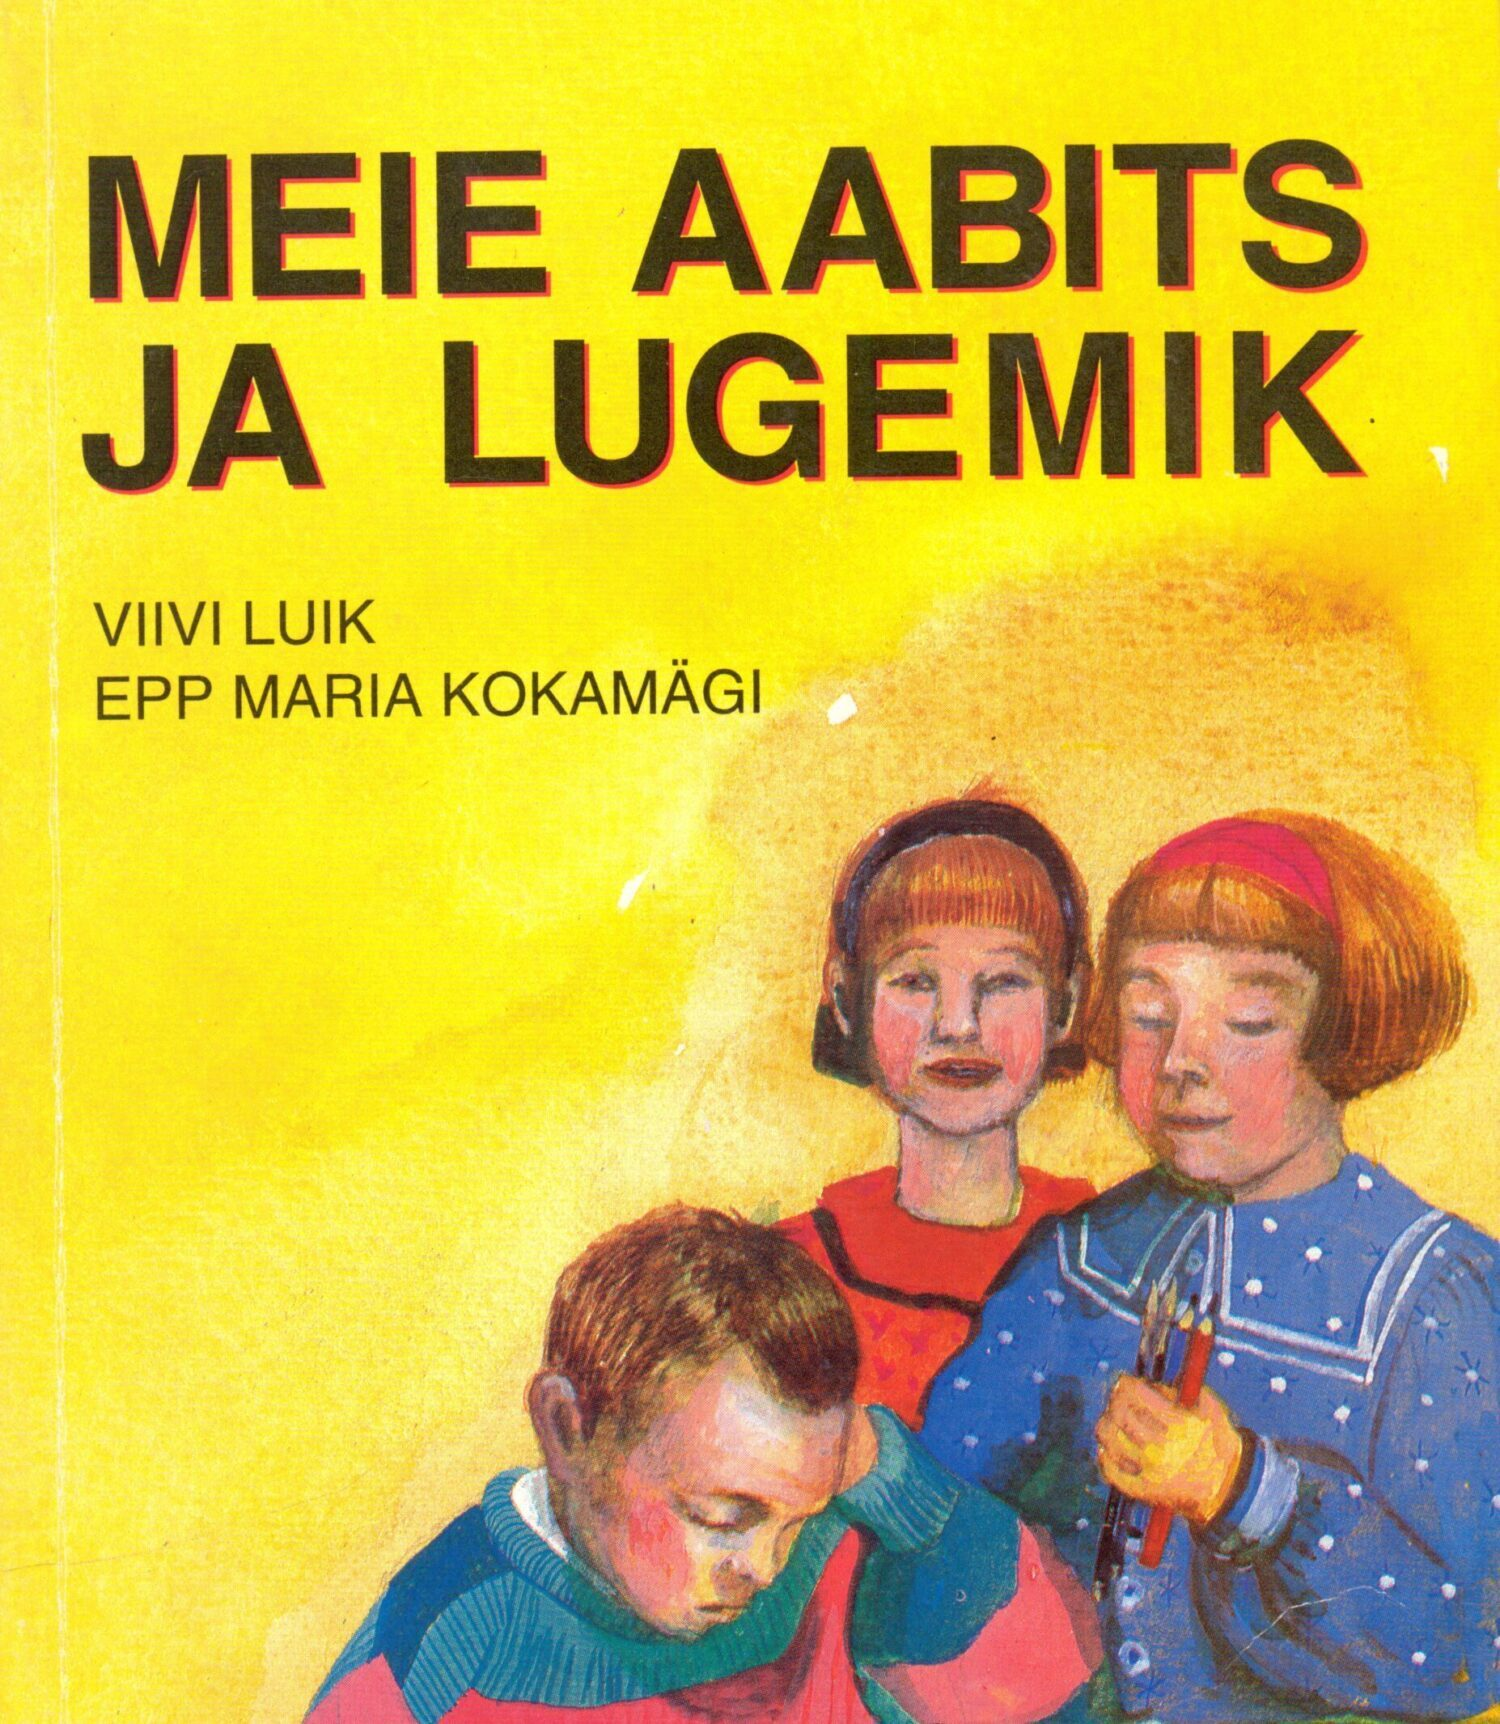 Kirjailija Viivi Luikin aputiedustelu Viron päivitetyn aapisen rahoituksen hankintaan